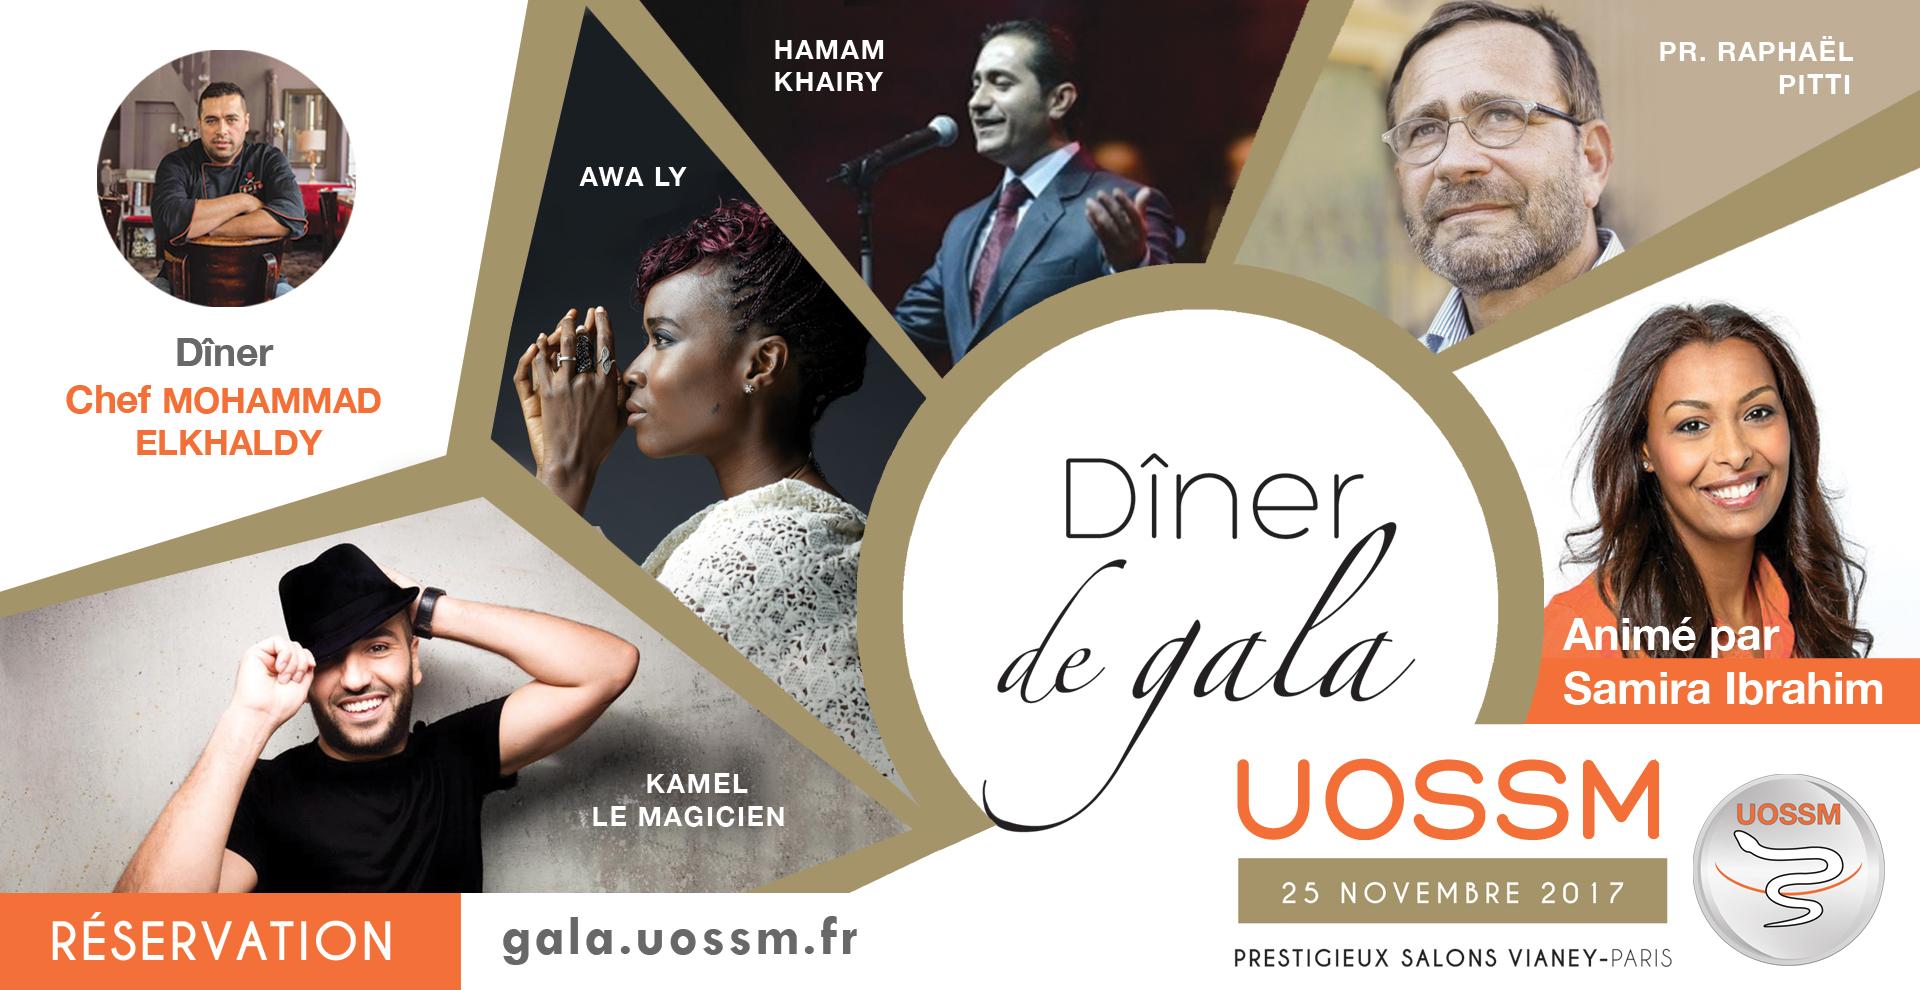 Cover_Event_Facebook_UOSSM_ok_moins_haut.jpg